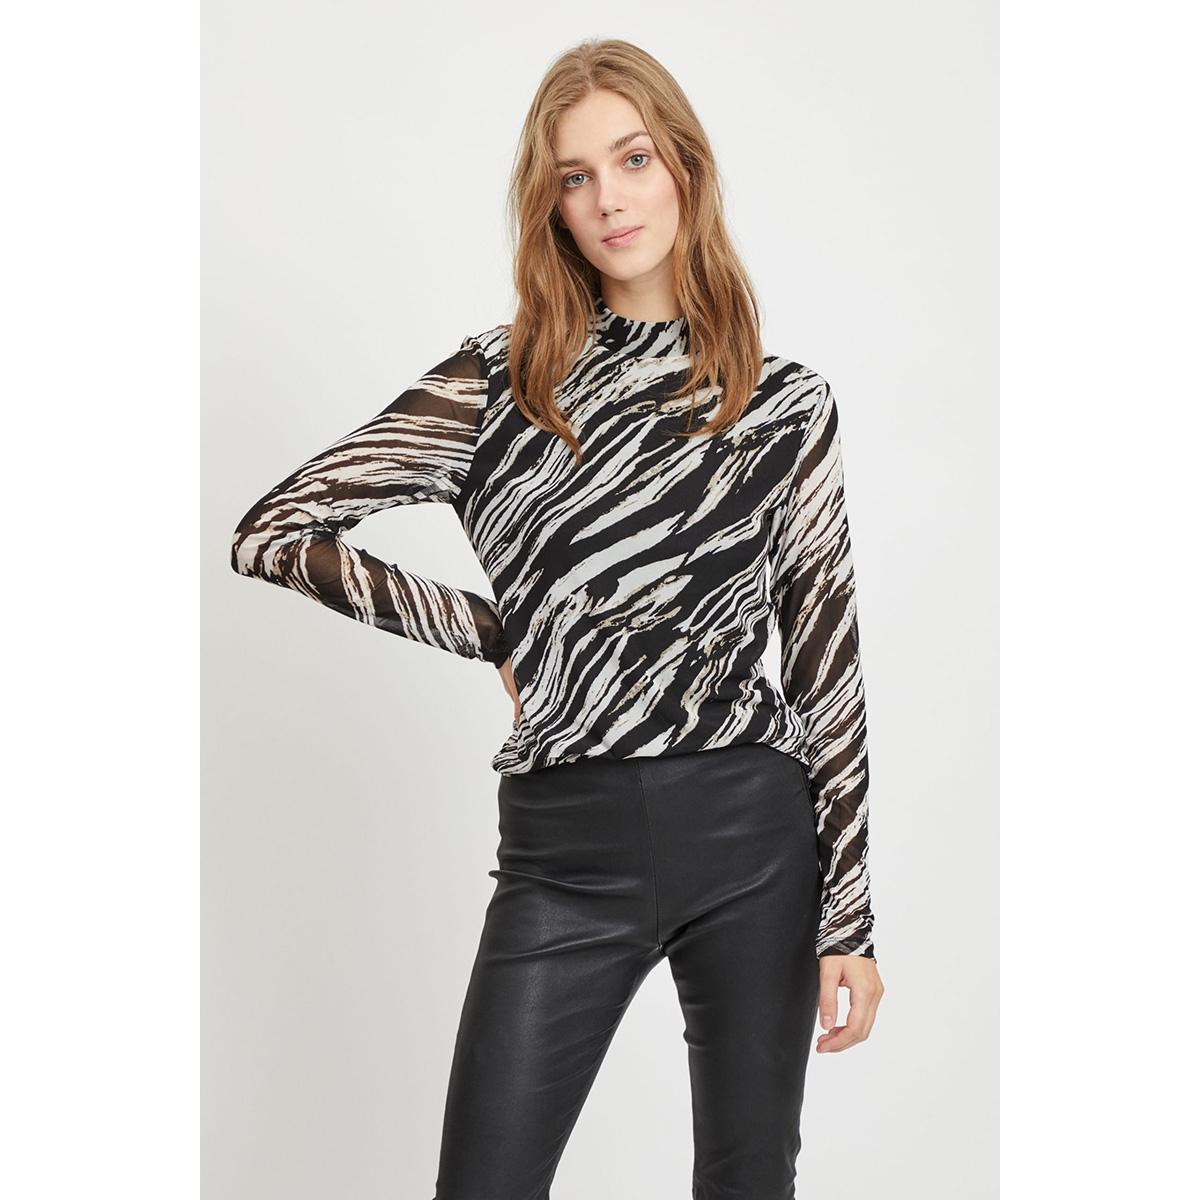 vimesha l/s top 14056668 vila t-shirt black/zebra